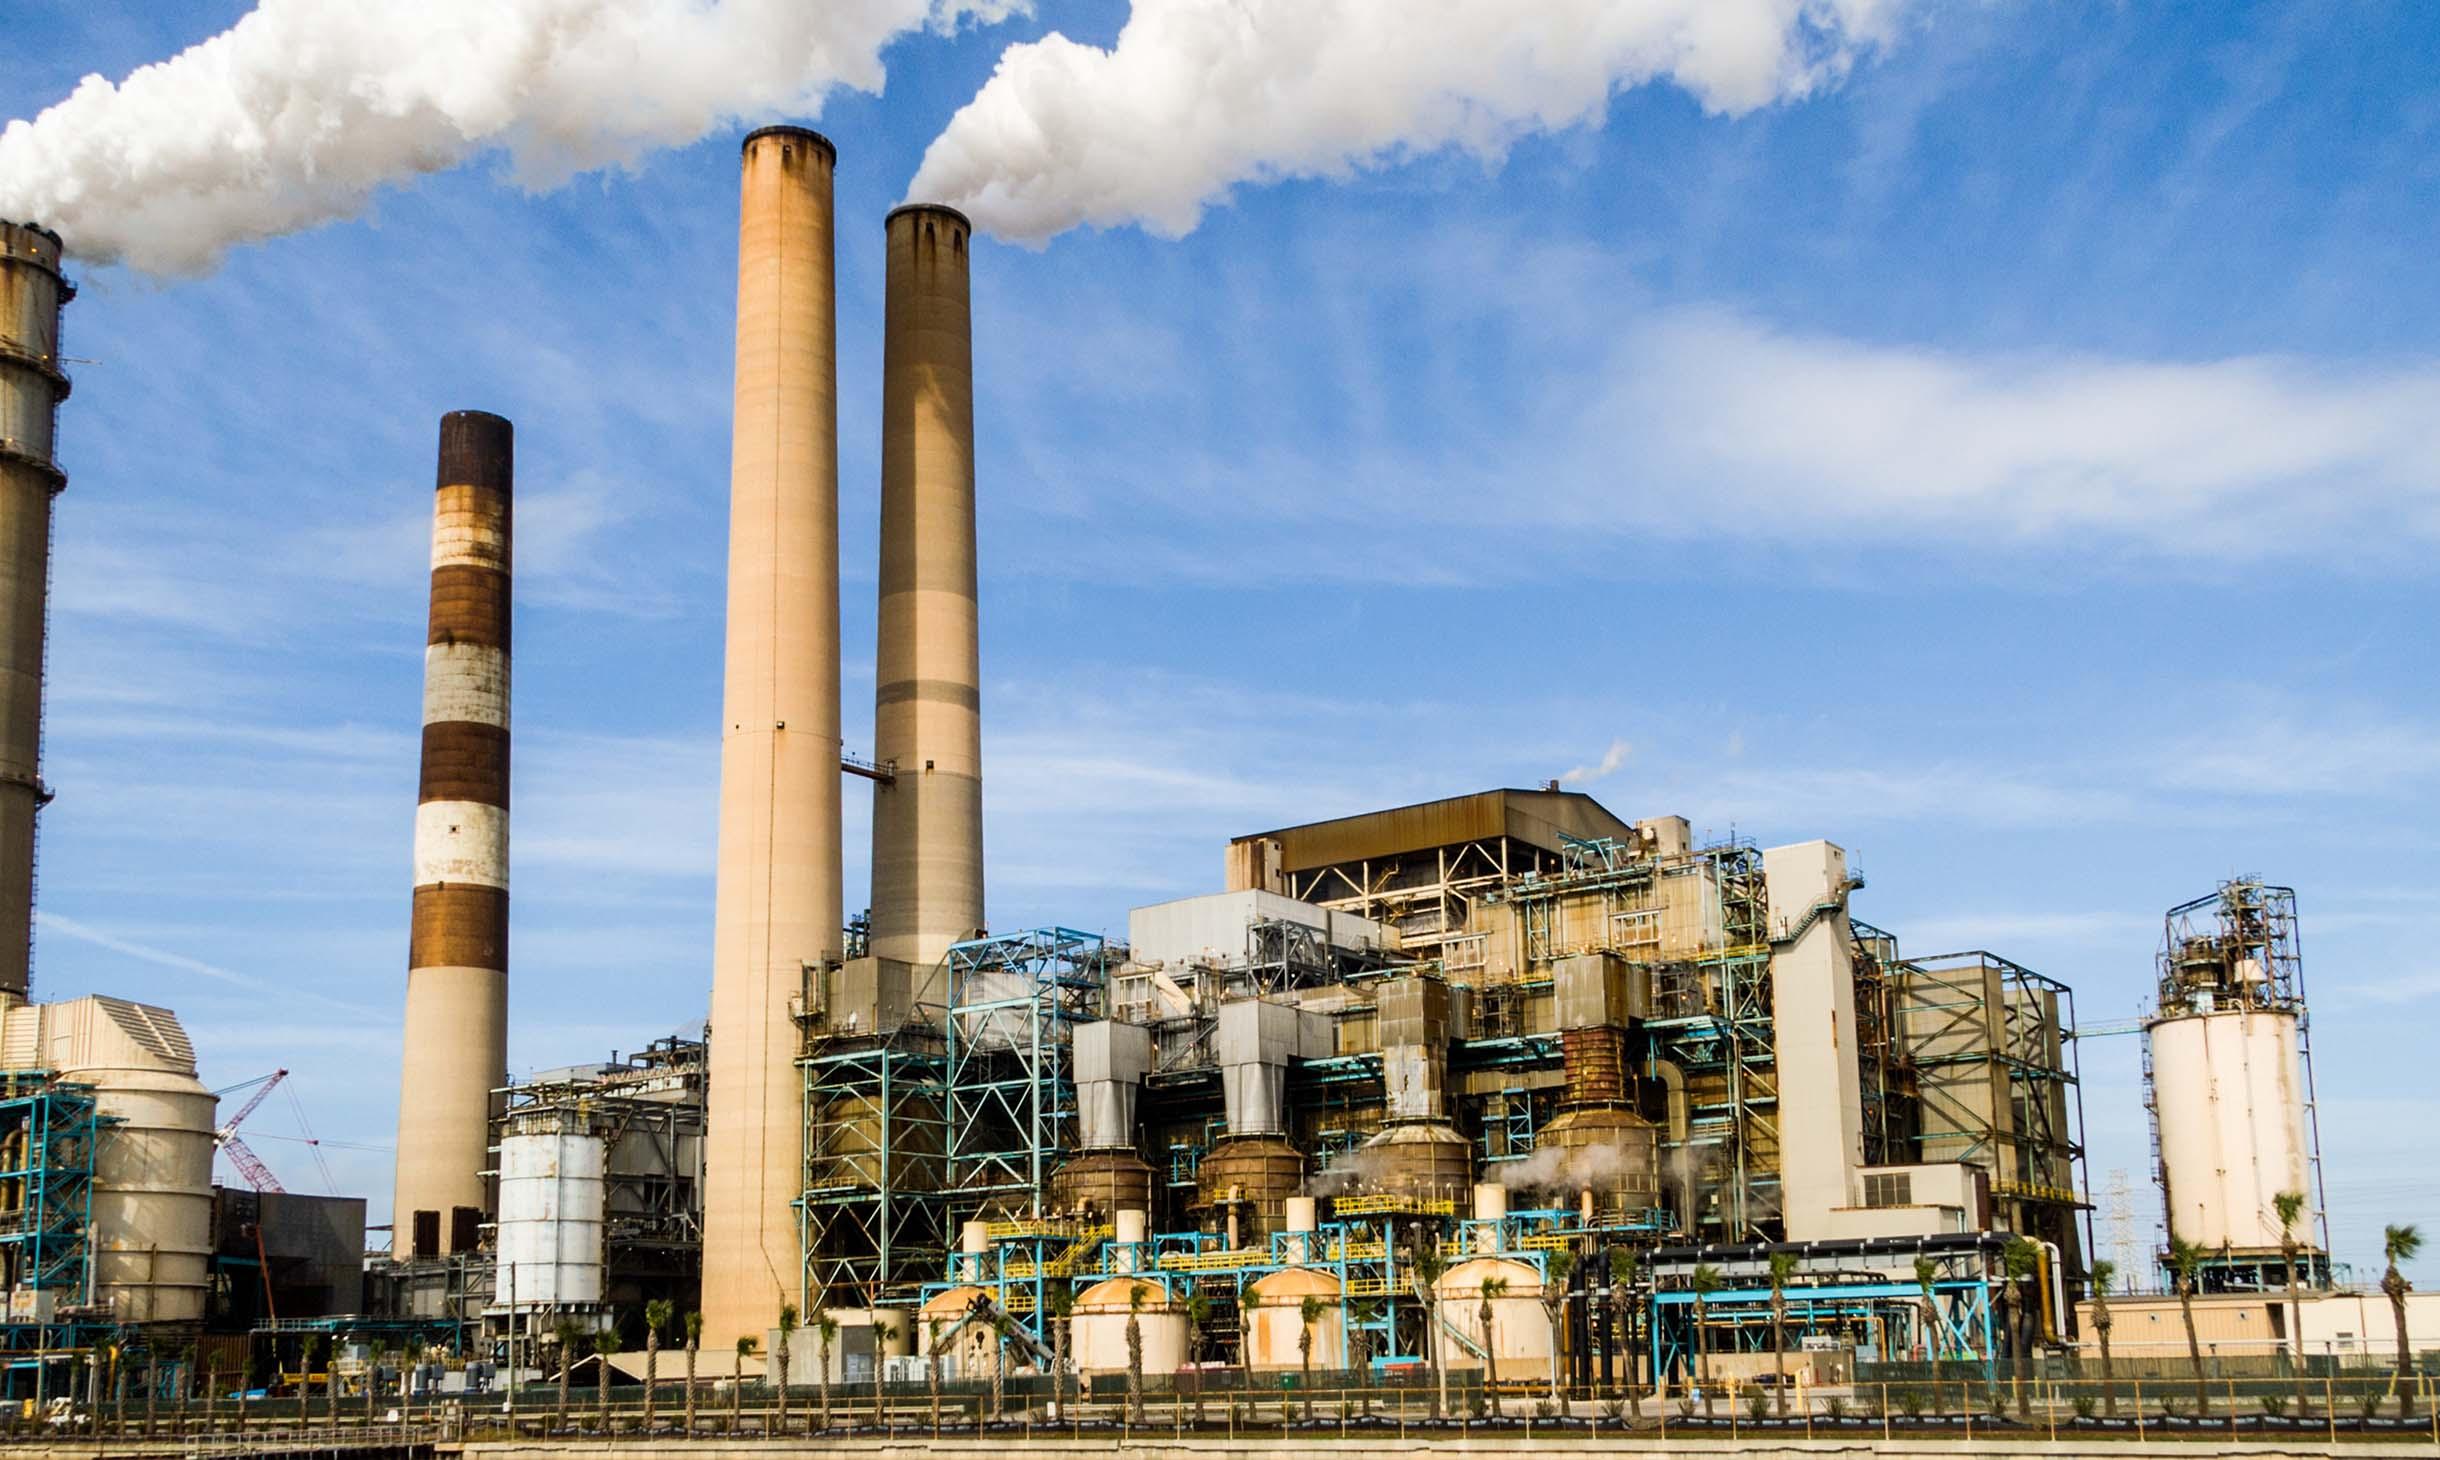 AVK biedt industriële afsluiters voor diverse toepassingen; chemische productie, petrochemie; .... bolkranen regelafsluiters vlinderkleppen terugslagkleppen